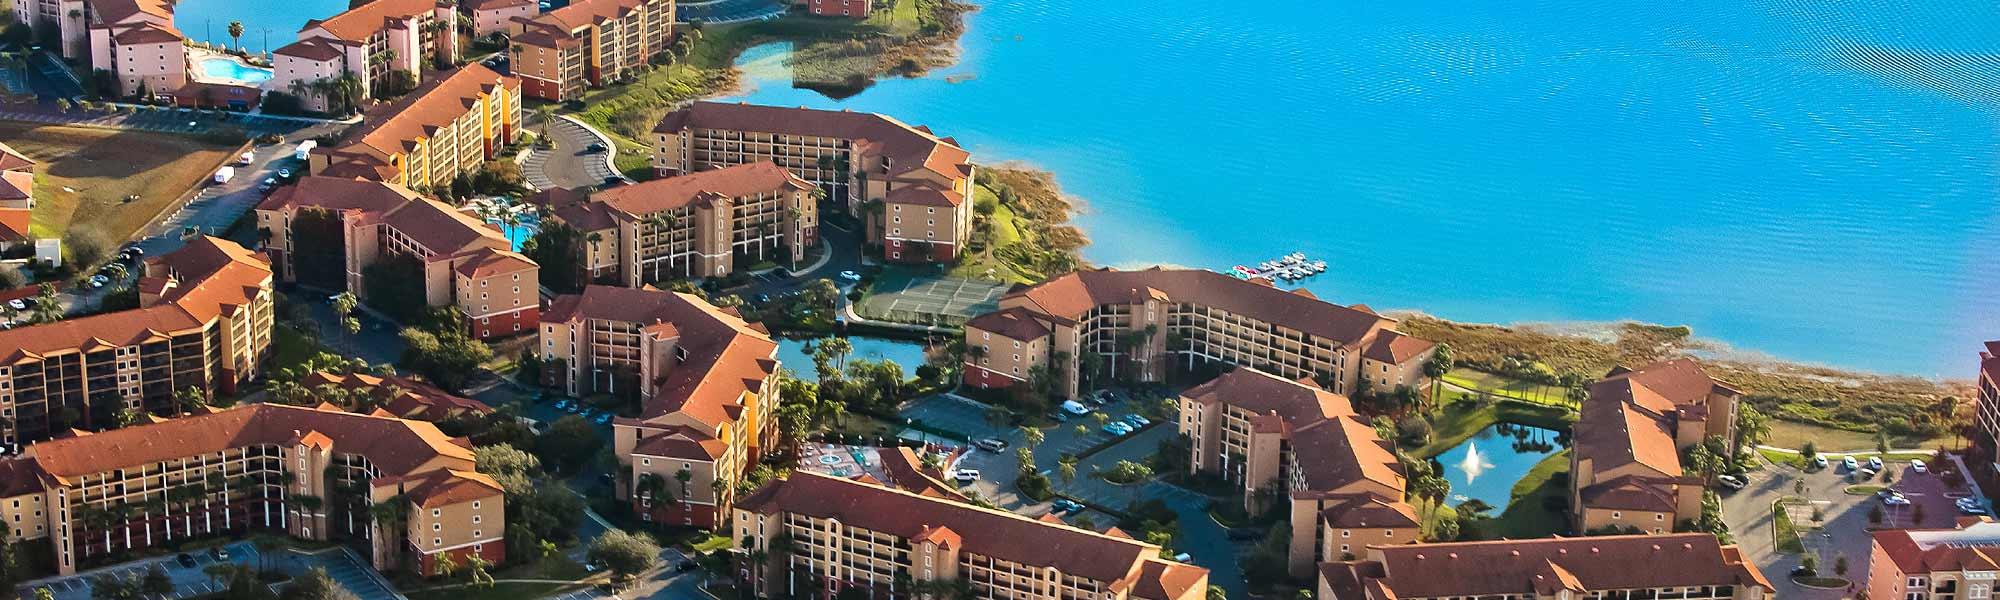 Westgate Lakes Orlando